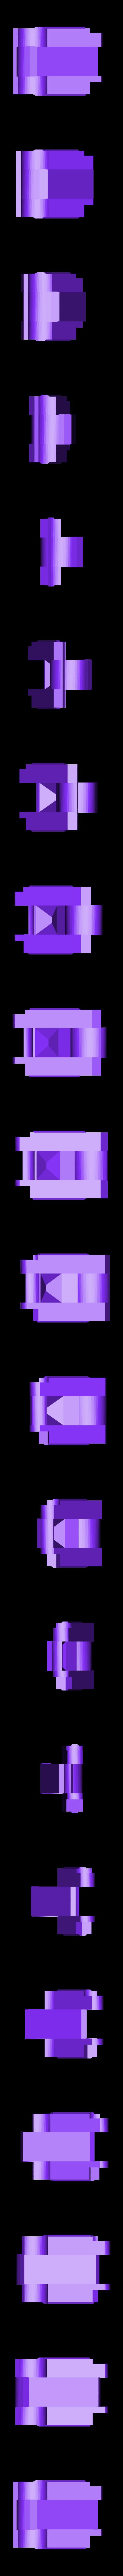 LEG-upper.STL Télécharger fichier STL gratuit Cybran T2 Destroyer - Salem Class • Plan à imprimer en 3D, Steyrc